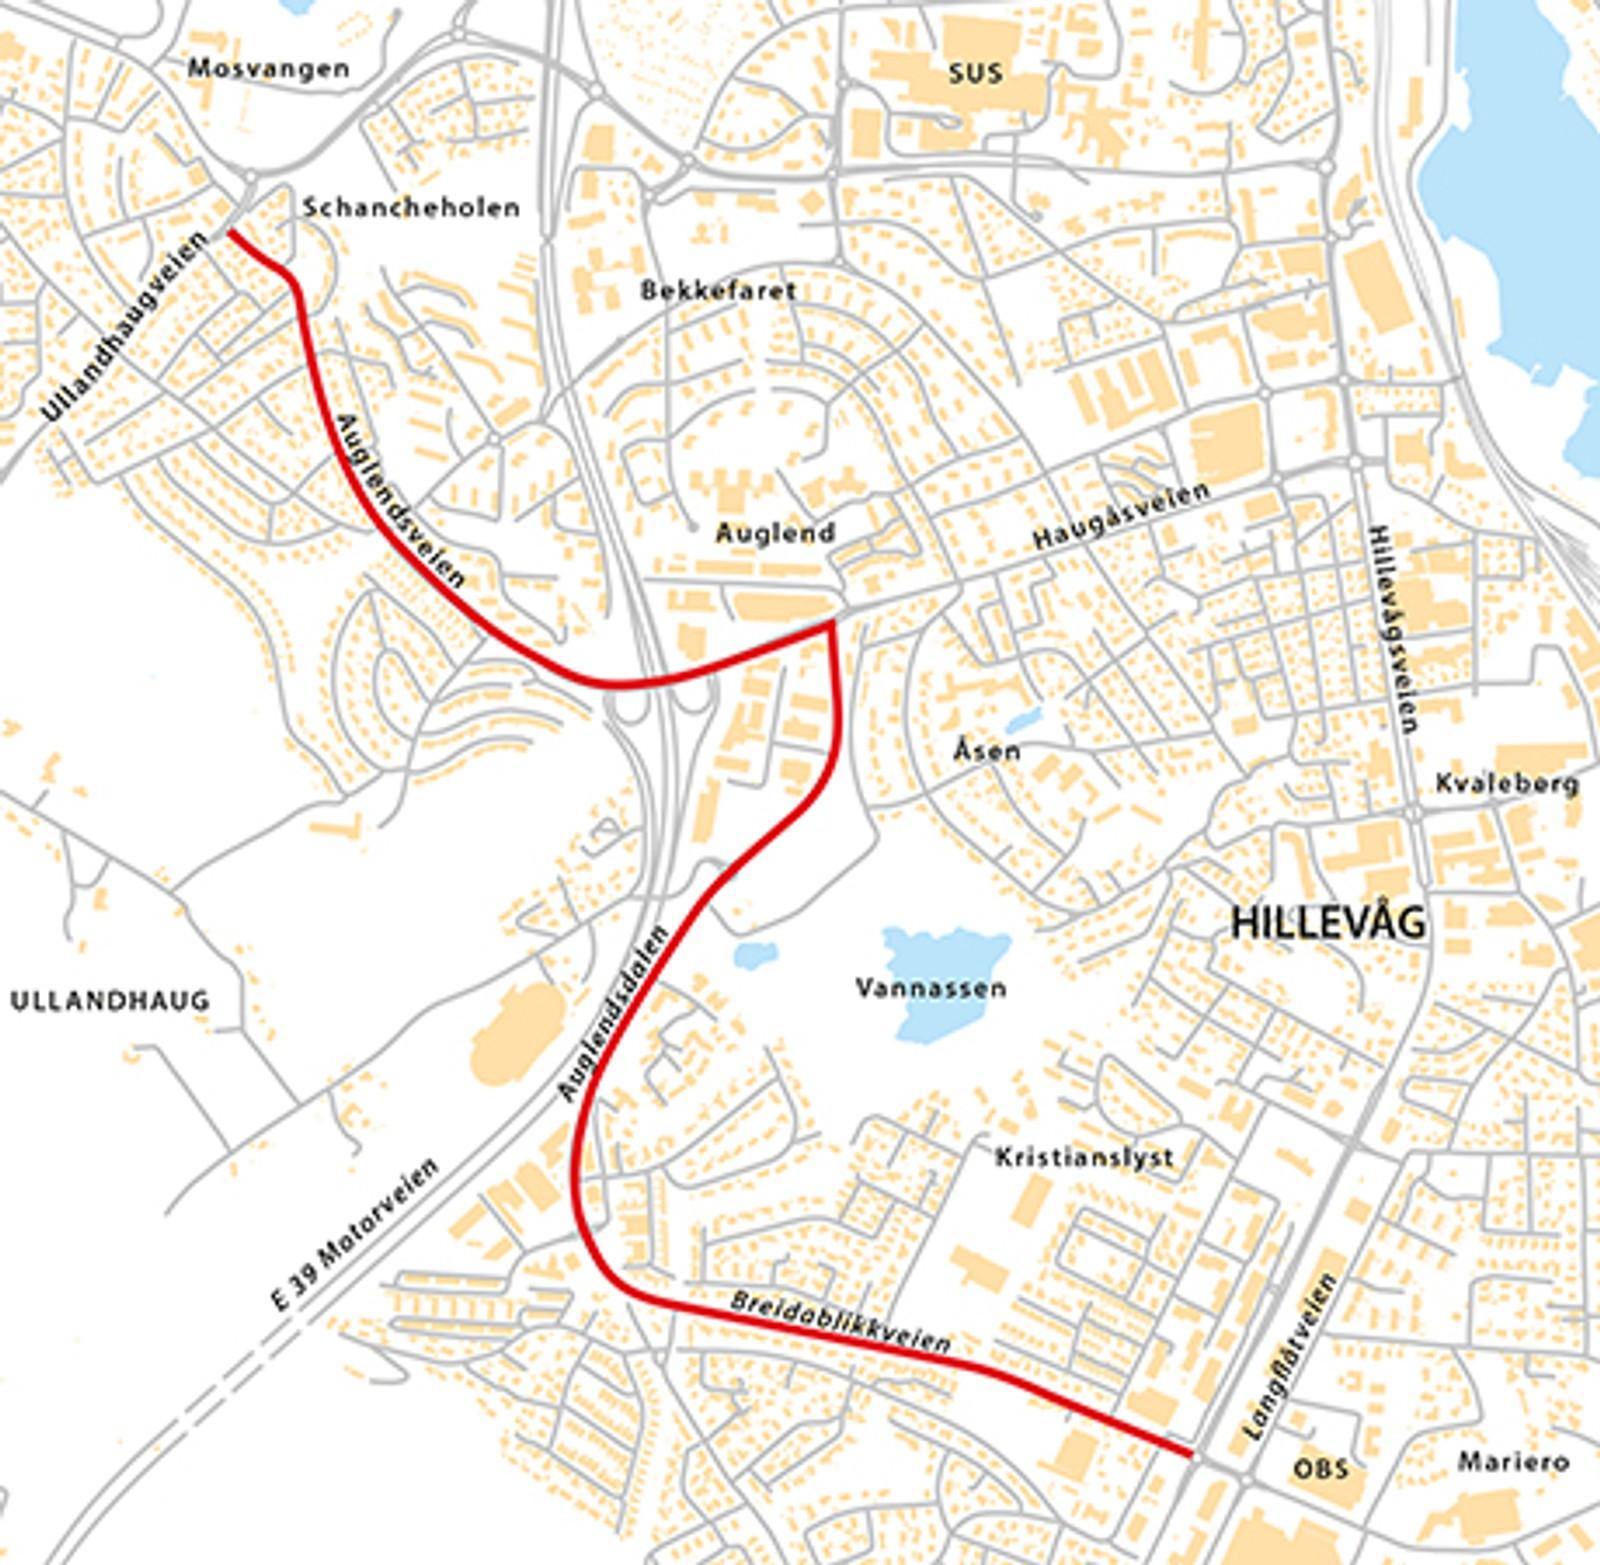 Auglendsveien til Motorveien (Fv393), natt til torsdag 7. mai. Breidablikkveien, Auglendsdalen, Haugåsveien, Auglendsveien (Fv393) natt til fredag 8. mai.